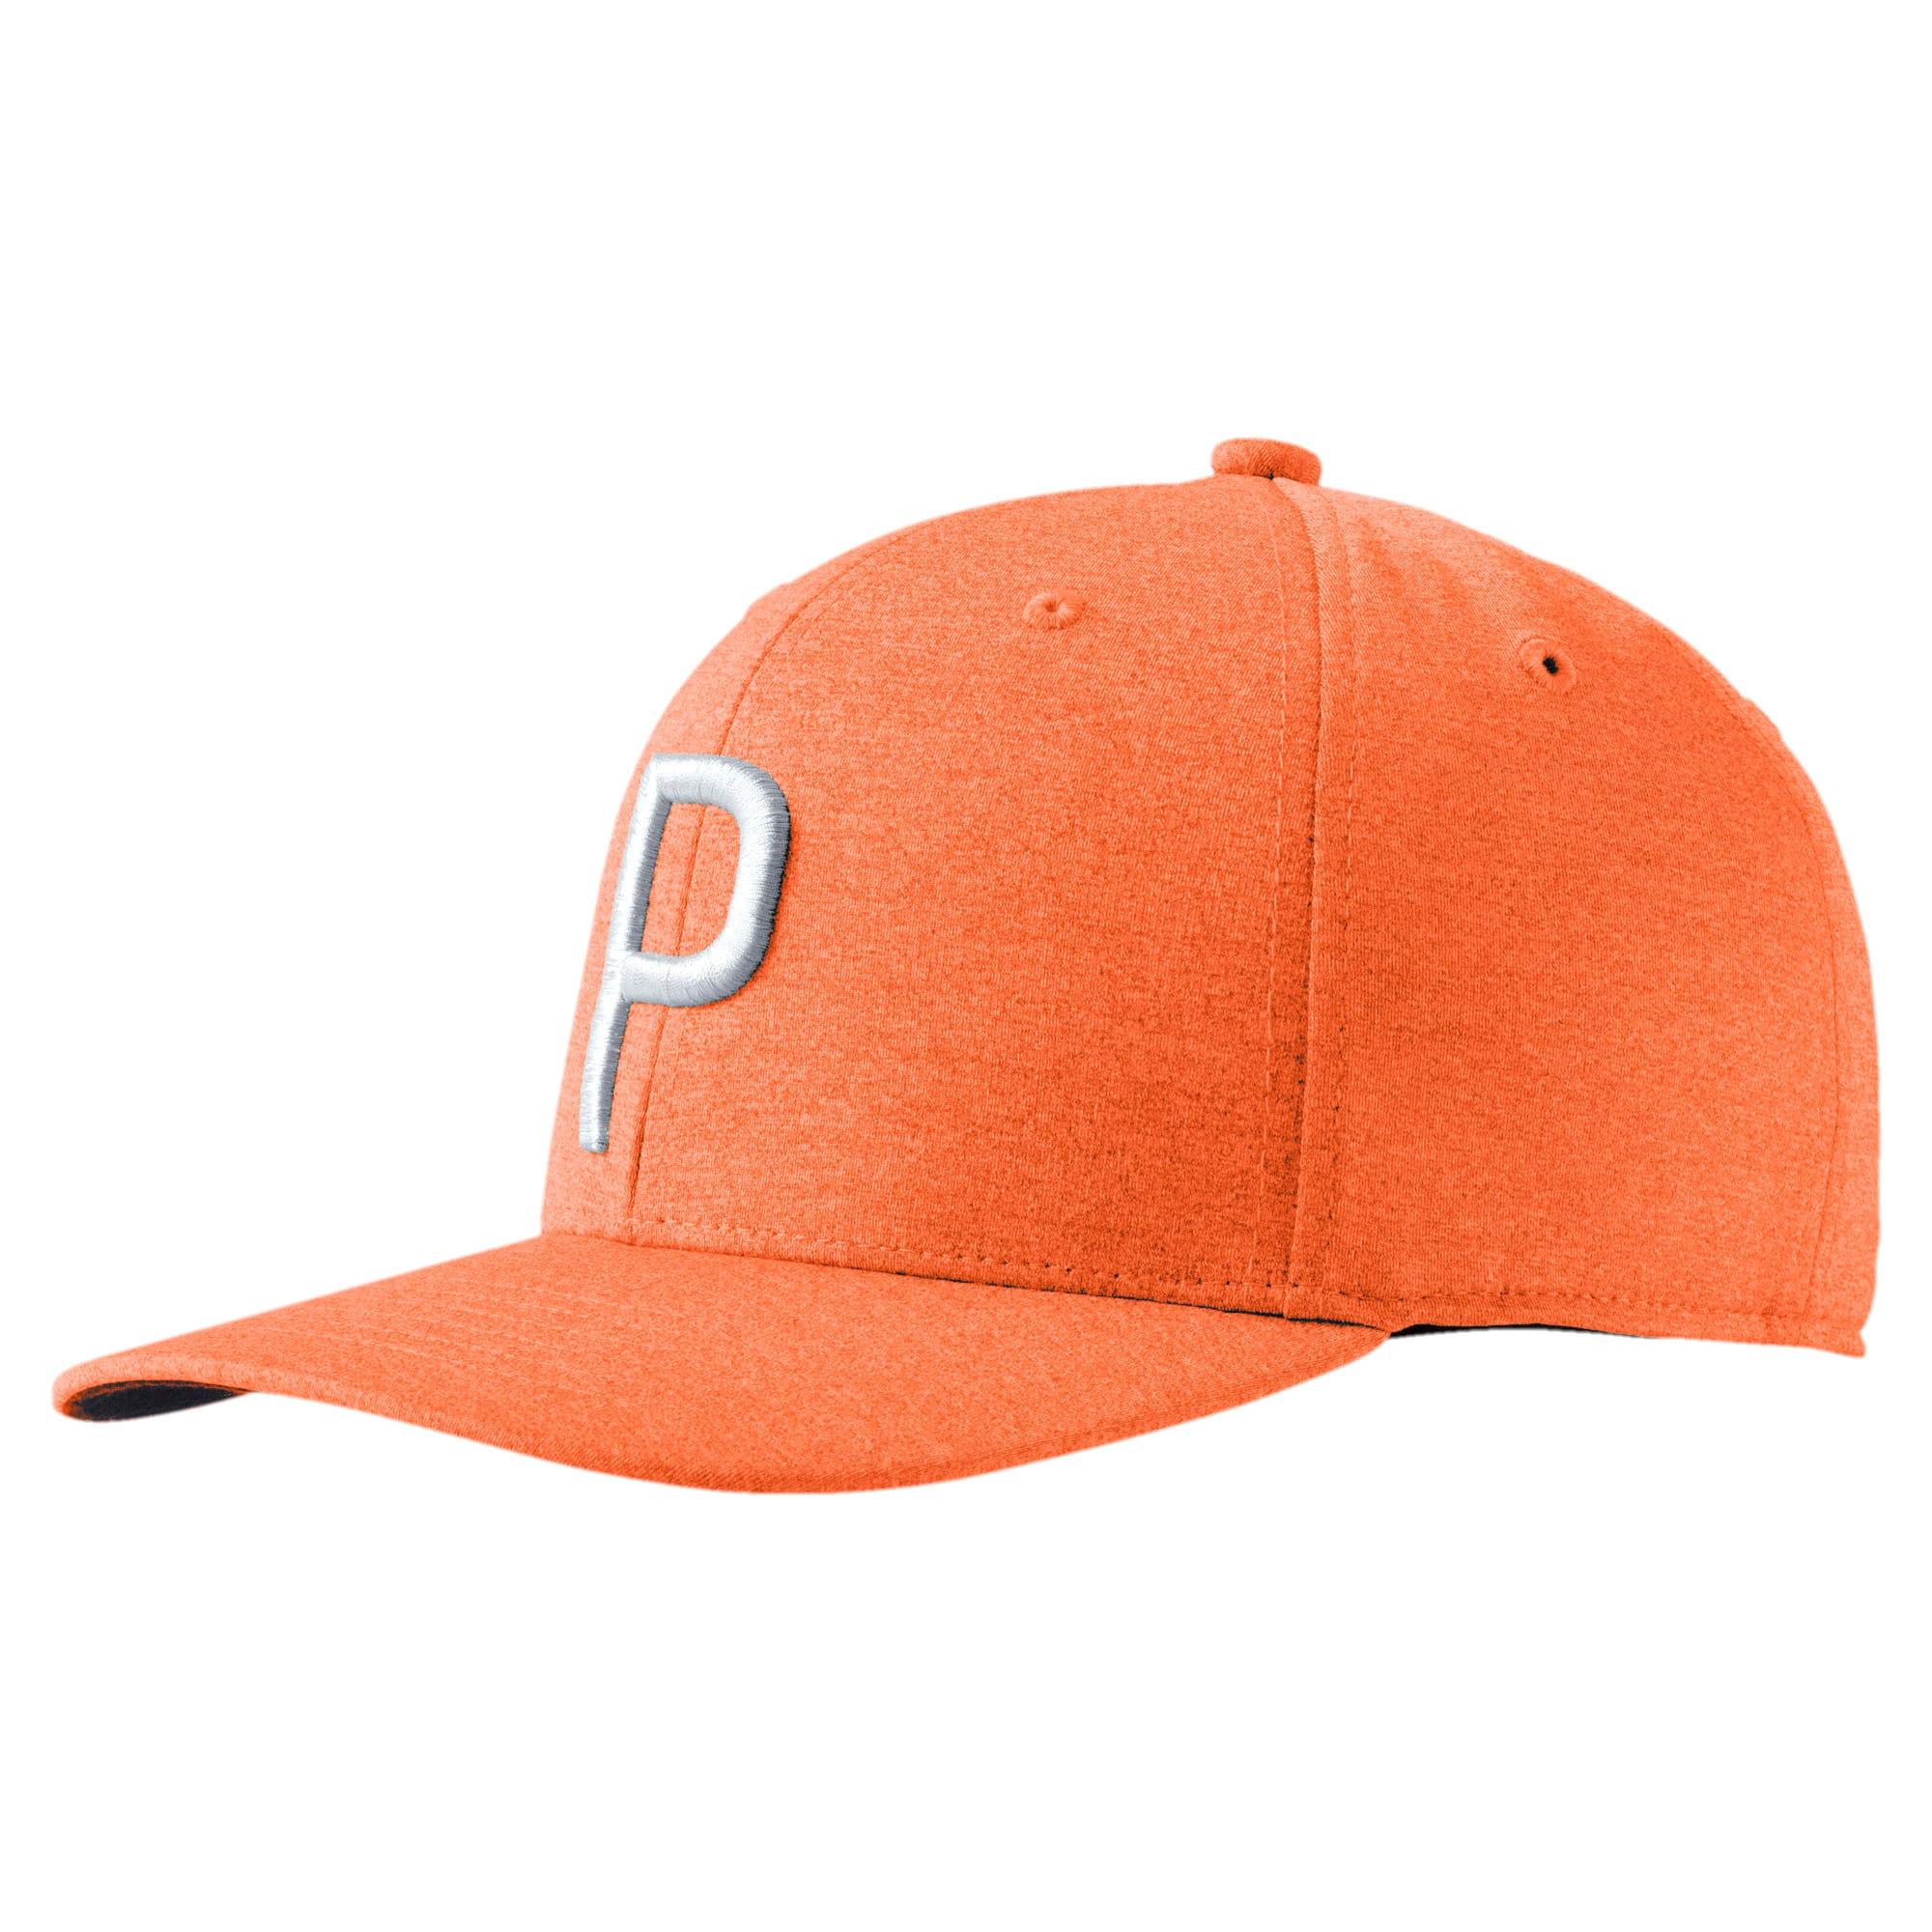 PUMA Golf Men's P Snapback Cap in Vibrant Orange